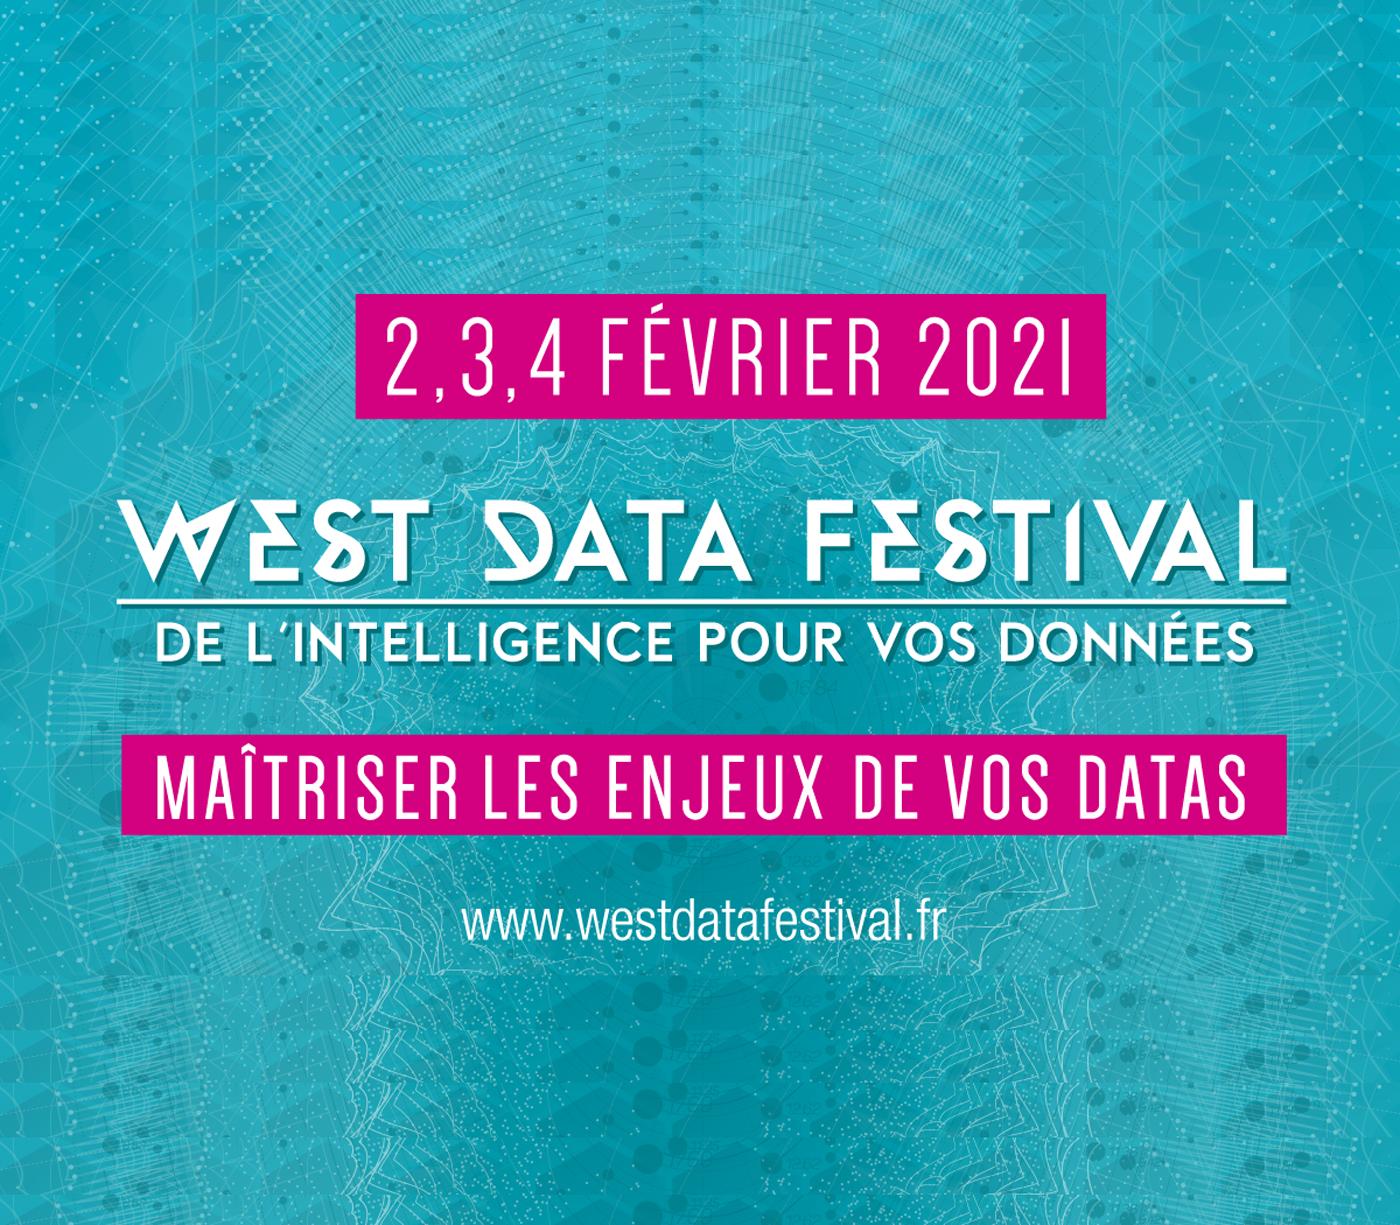 WEST DATA FESTIVAL 2021 : DATA & LES ENERGIES DANS LE BATIMENT